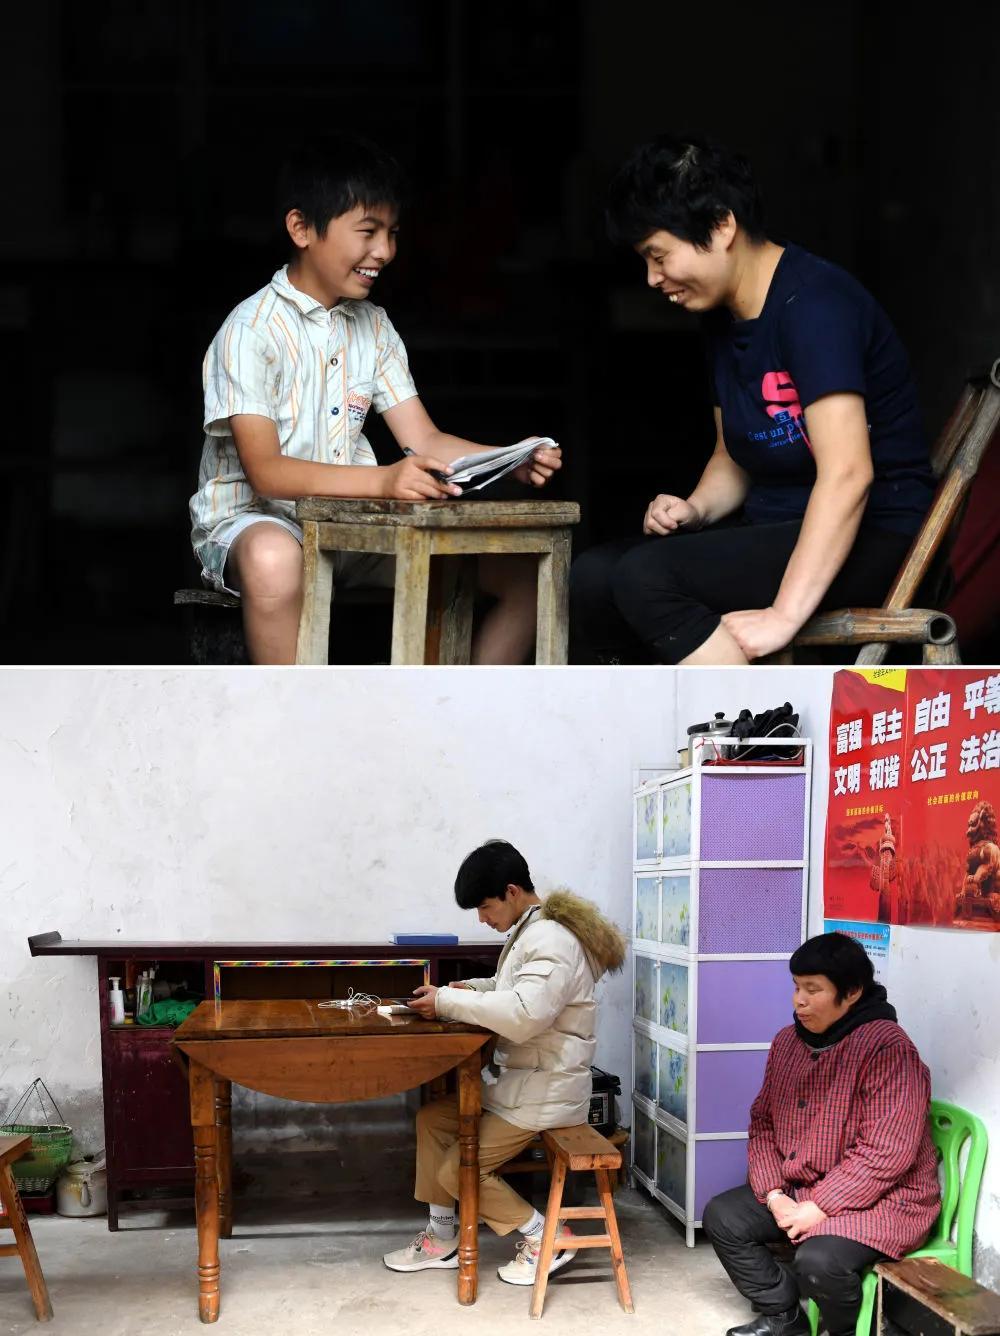 Hình trên là: Cheng Jiu đang làm bài tập hè với mẹ (chụp ngày 15 tháng 7 năm 2014); hình bên dưới là: Cheng Jiu đang ôn bài ở nhà (chụp ngày 24 tháng 1). Ảnh của Tân Hoa Xã phóng viên Liu Junxi